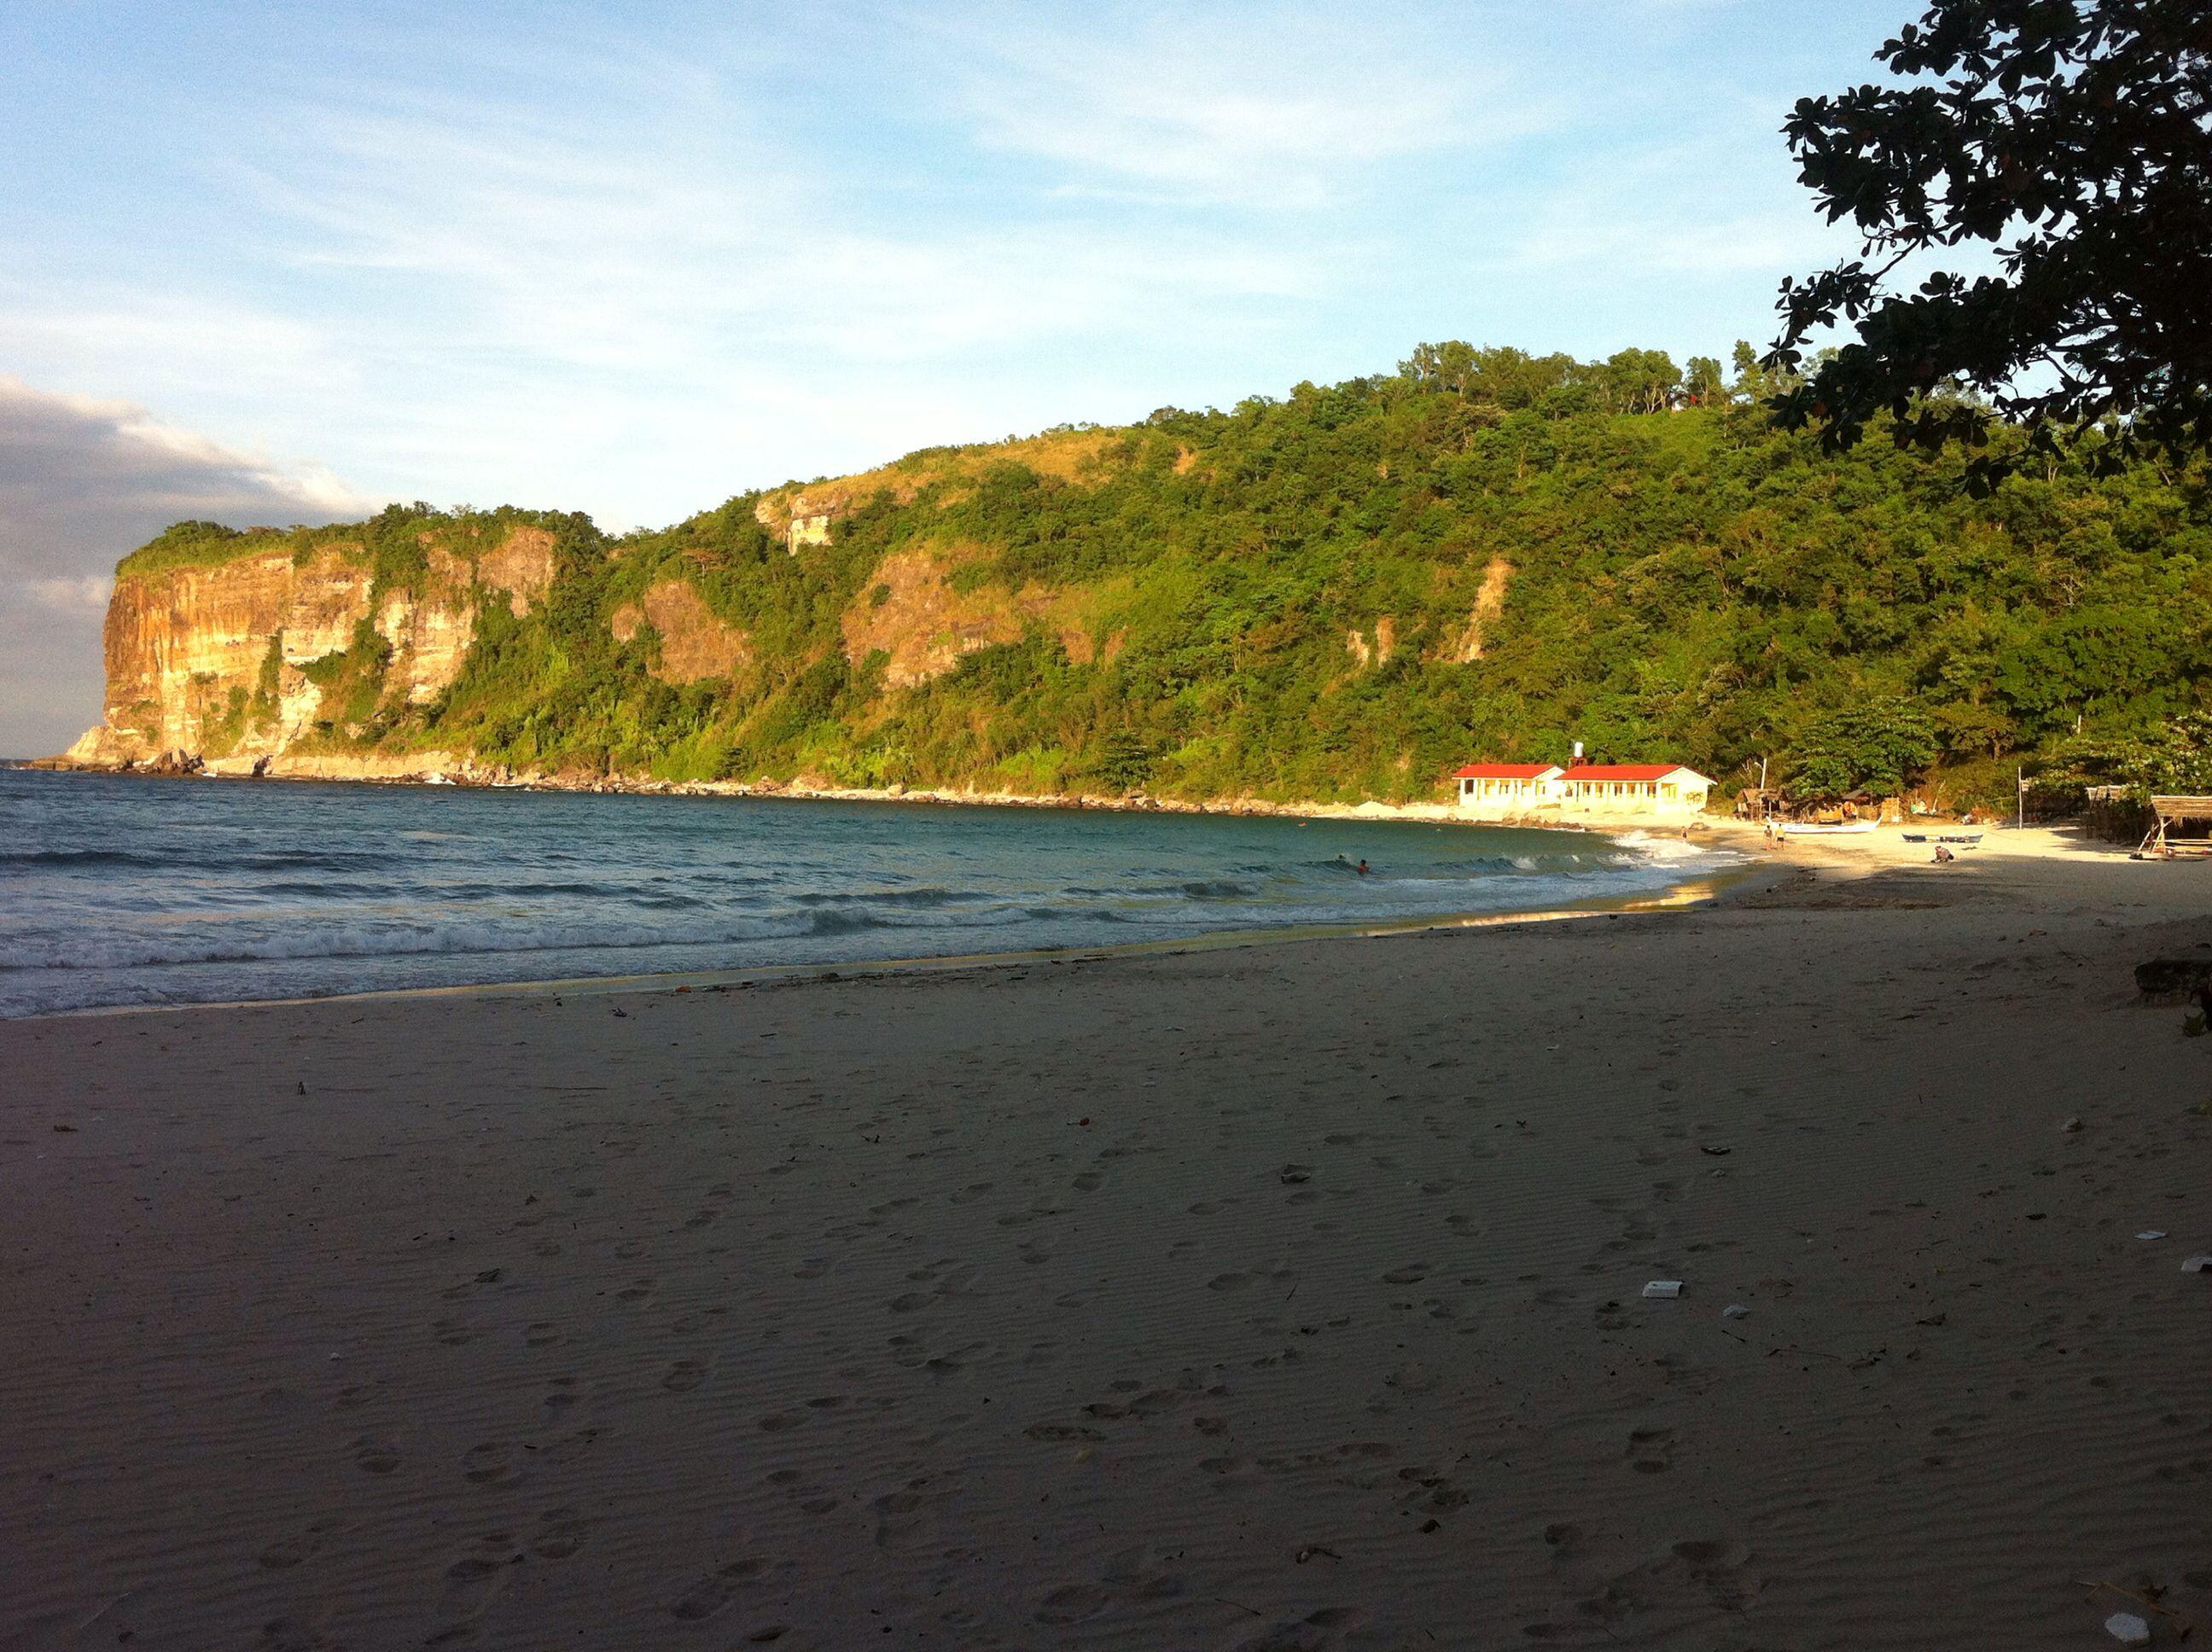 Marine Base Beach Resort Ternate Cavite Philippines Nature Island Kota